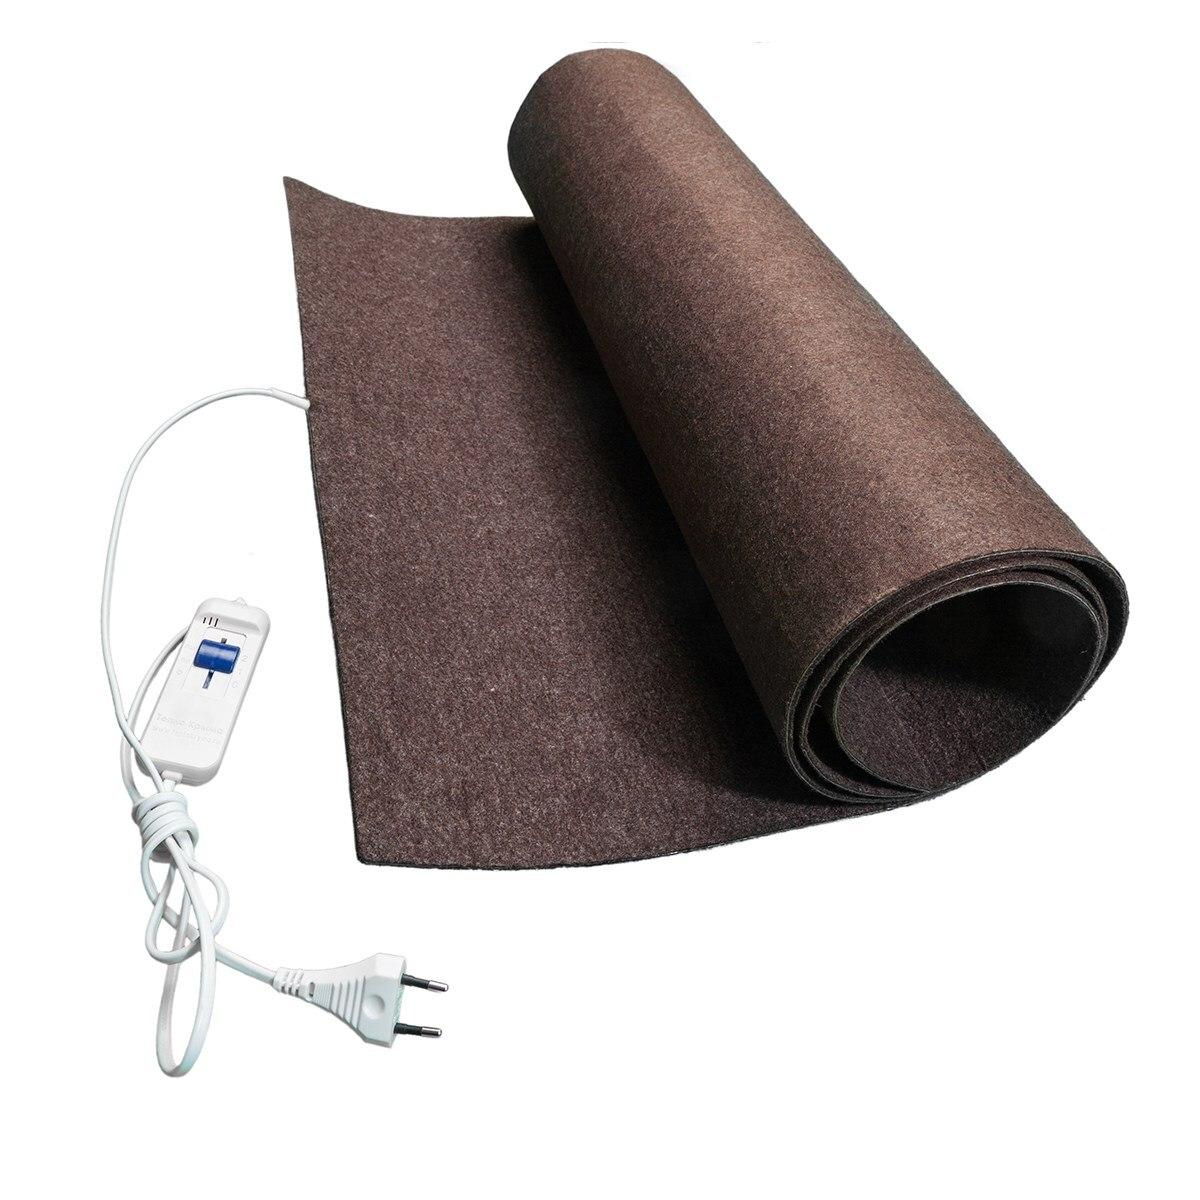 Plancher Mobile 110/220 (tissu) 1.7 m